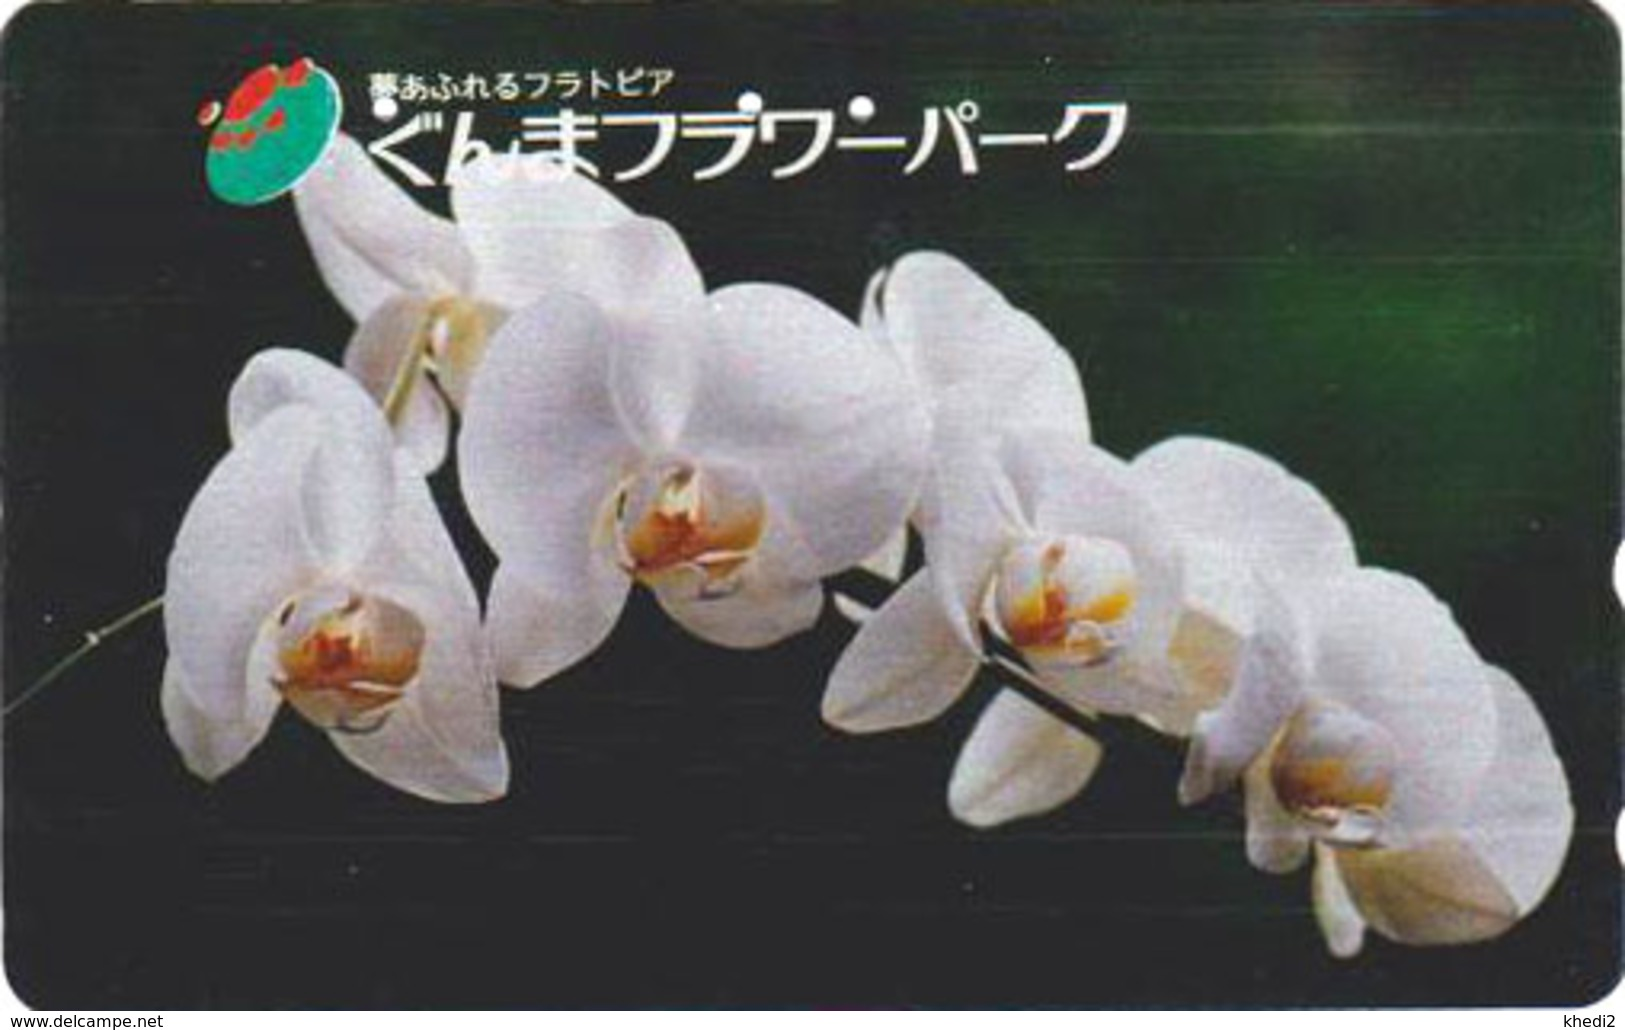 Télécarte ARGENT Japon / 110-011 - Fleur - ORCHIDEE - ORCHID Flower SILVER Phonecard - Blume - 2349 - Fleurs